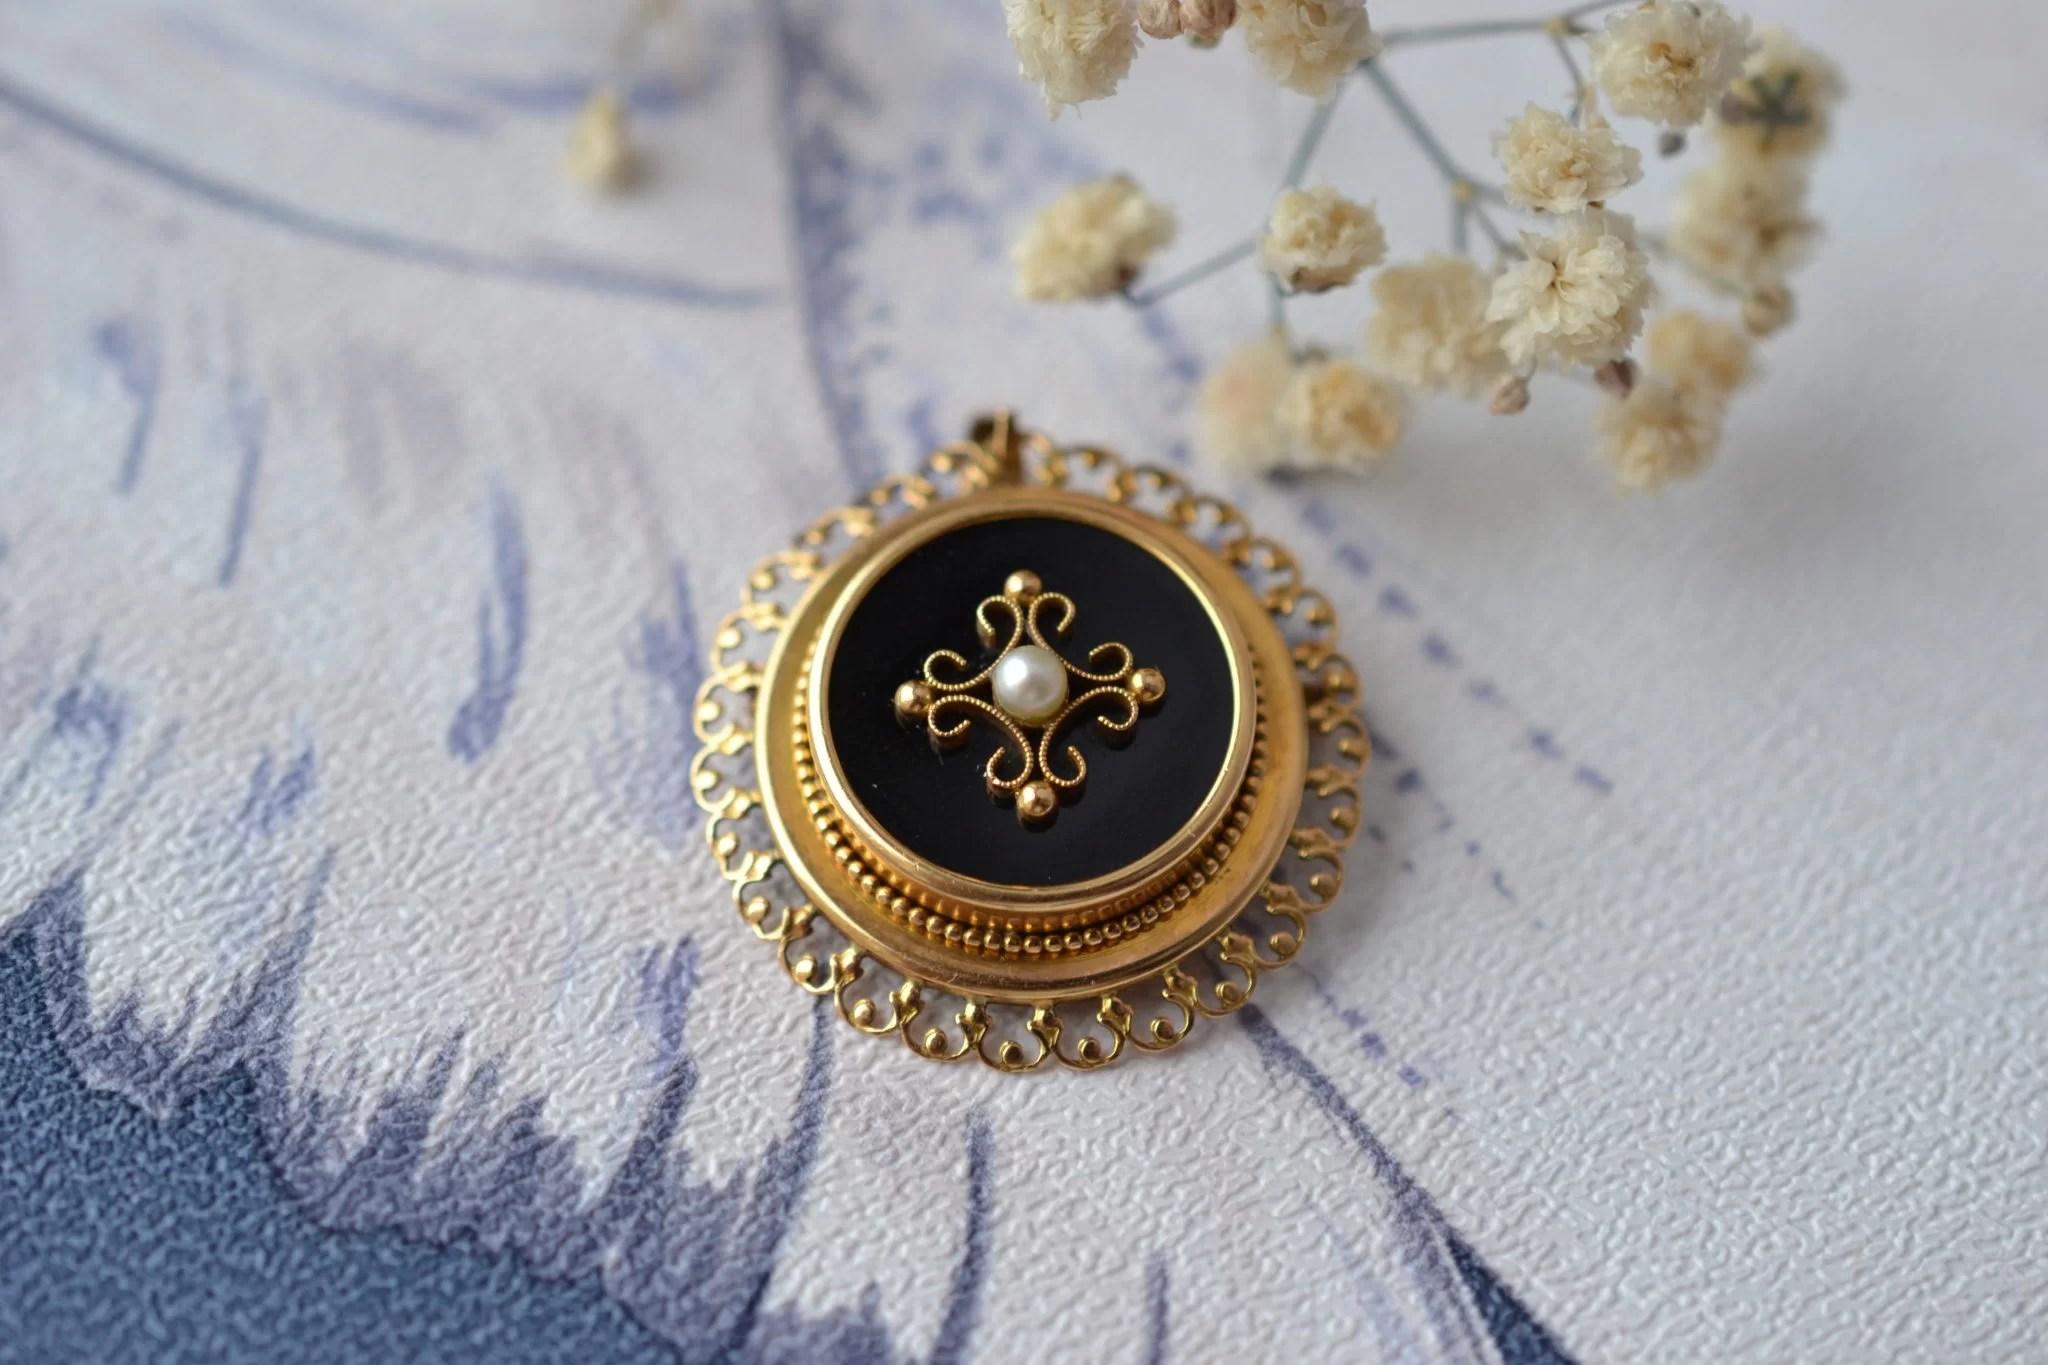 Pendentif _ Broche Ronde En Or Jaune, Décorée D_un Disque D_onyx Sertie D_une Petite Perle Avec Fleuron, Sur Une Monture Ajourée - Pendentif Vintage